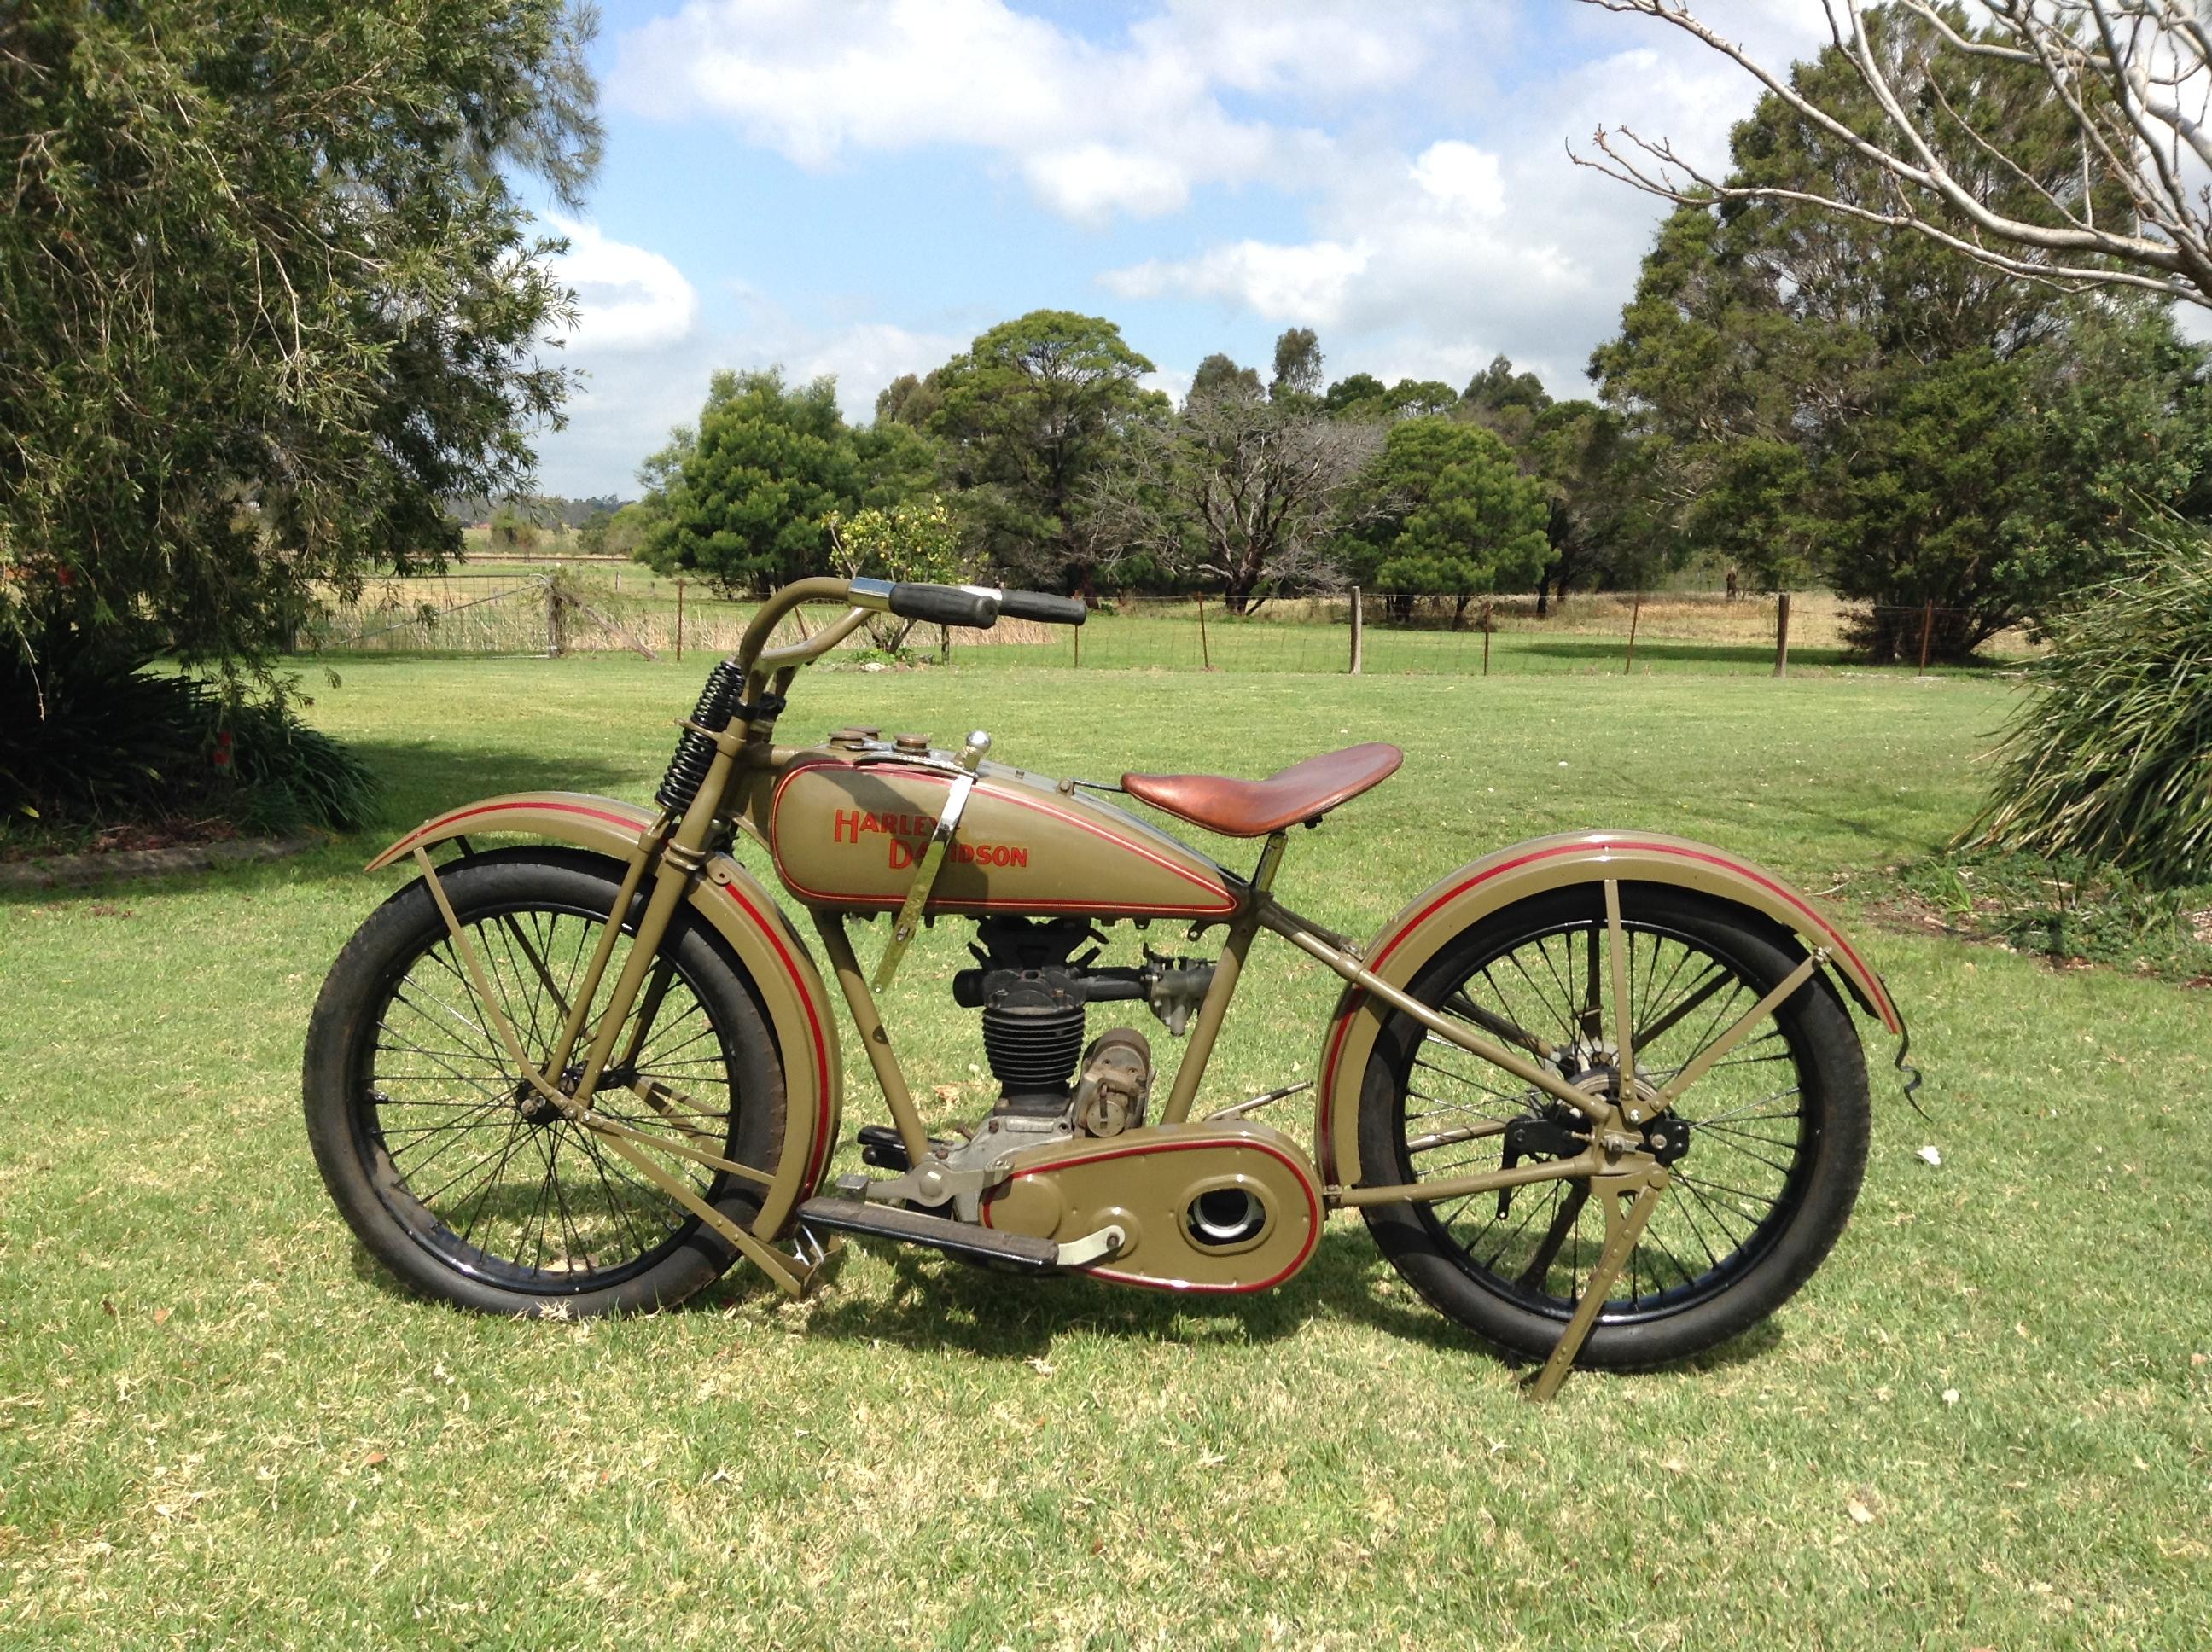 1926 Harley Davidson Ohv Peashooter Sold